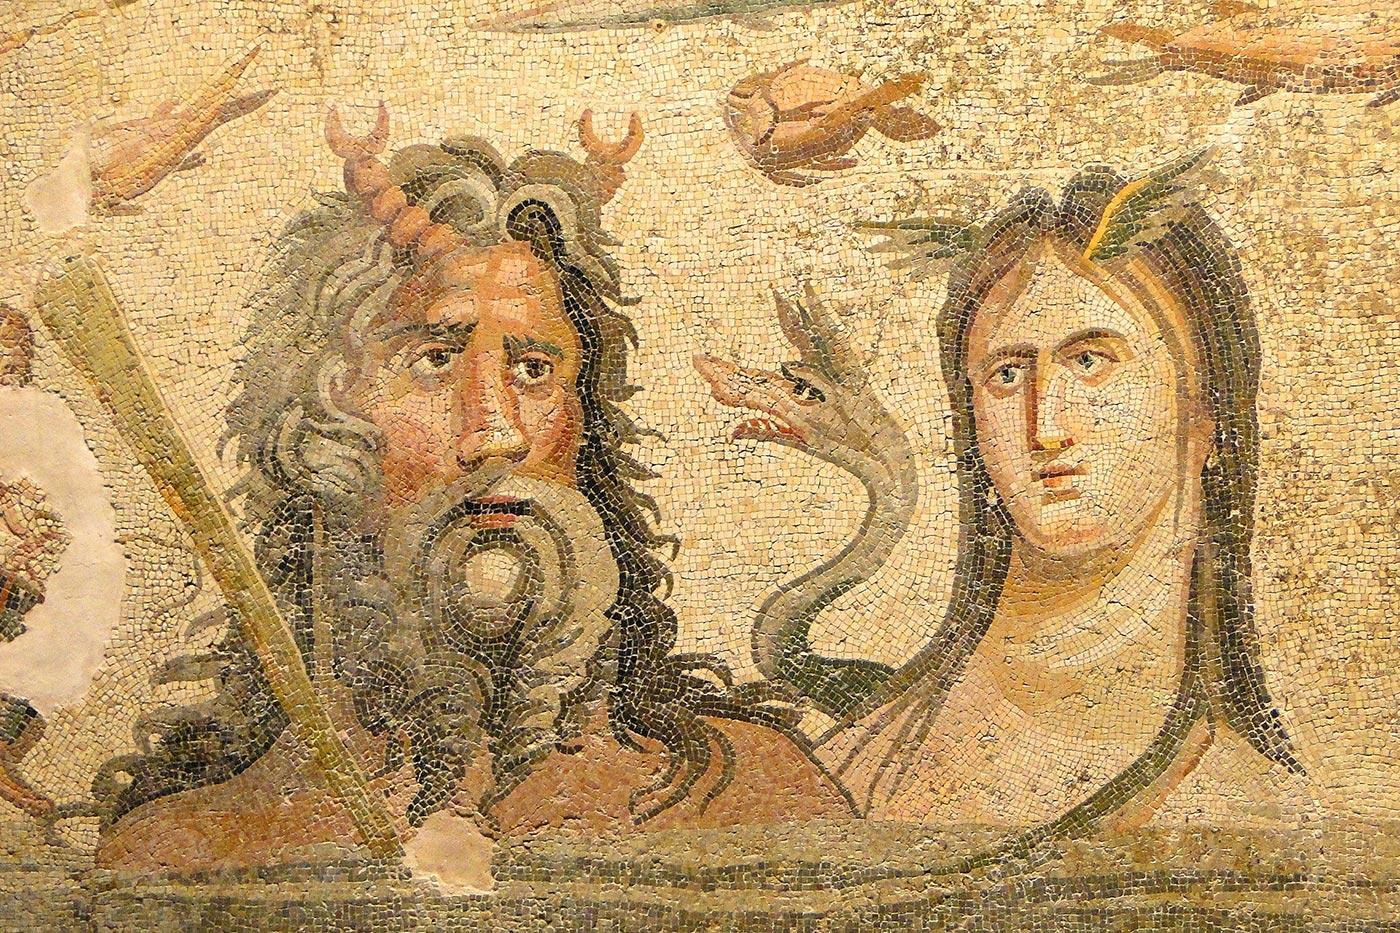 2200-Year-Old Mosaics